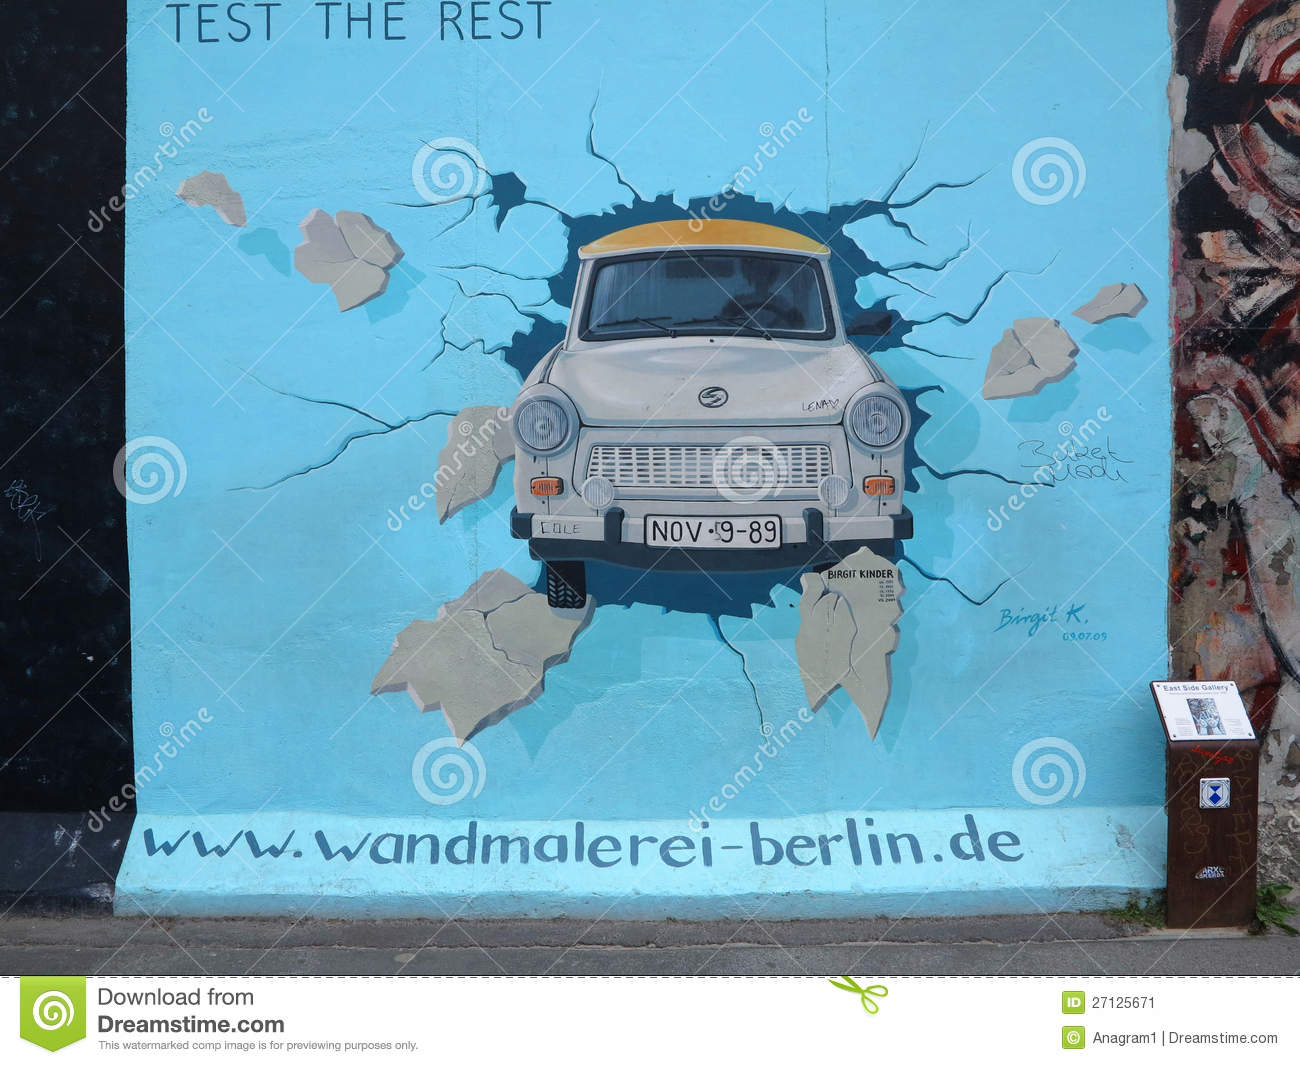 East side gallery berlin clipart #10